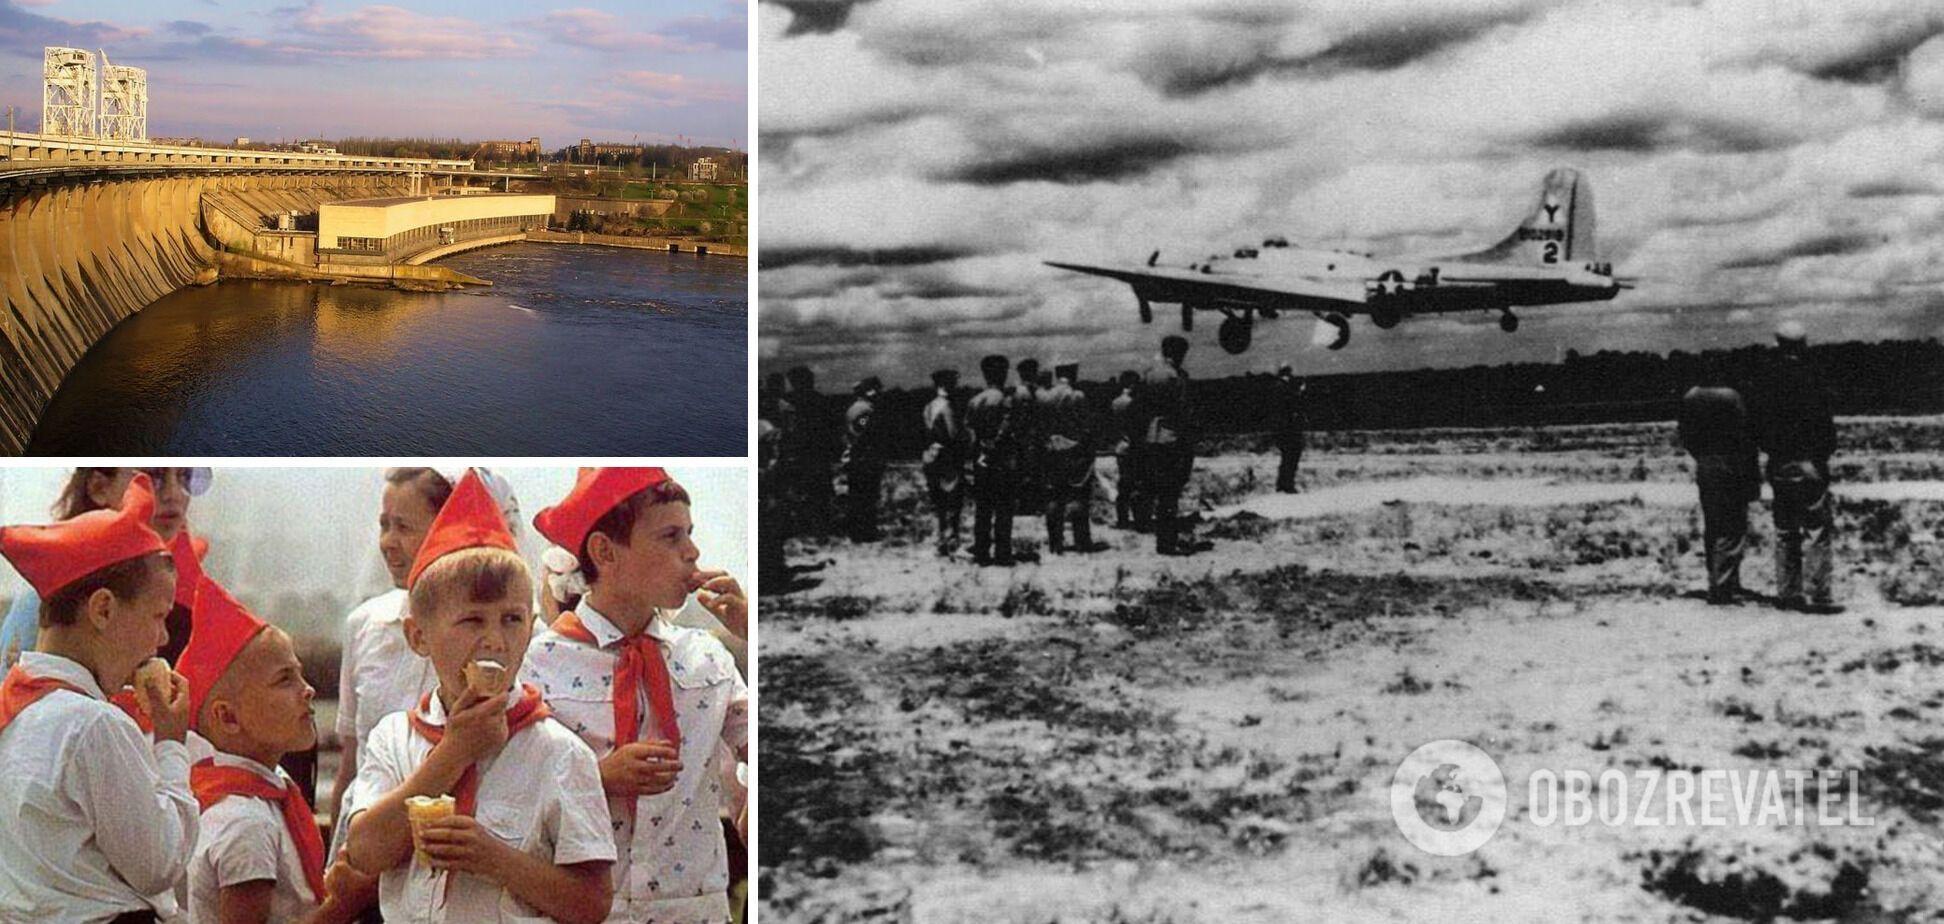 Країна-фейк: як СРСР крав винаходи, технології і подвиги